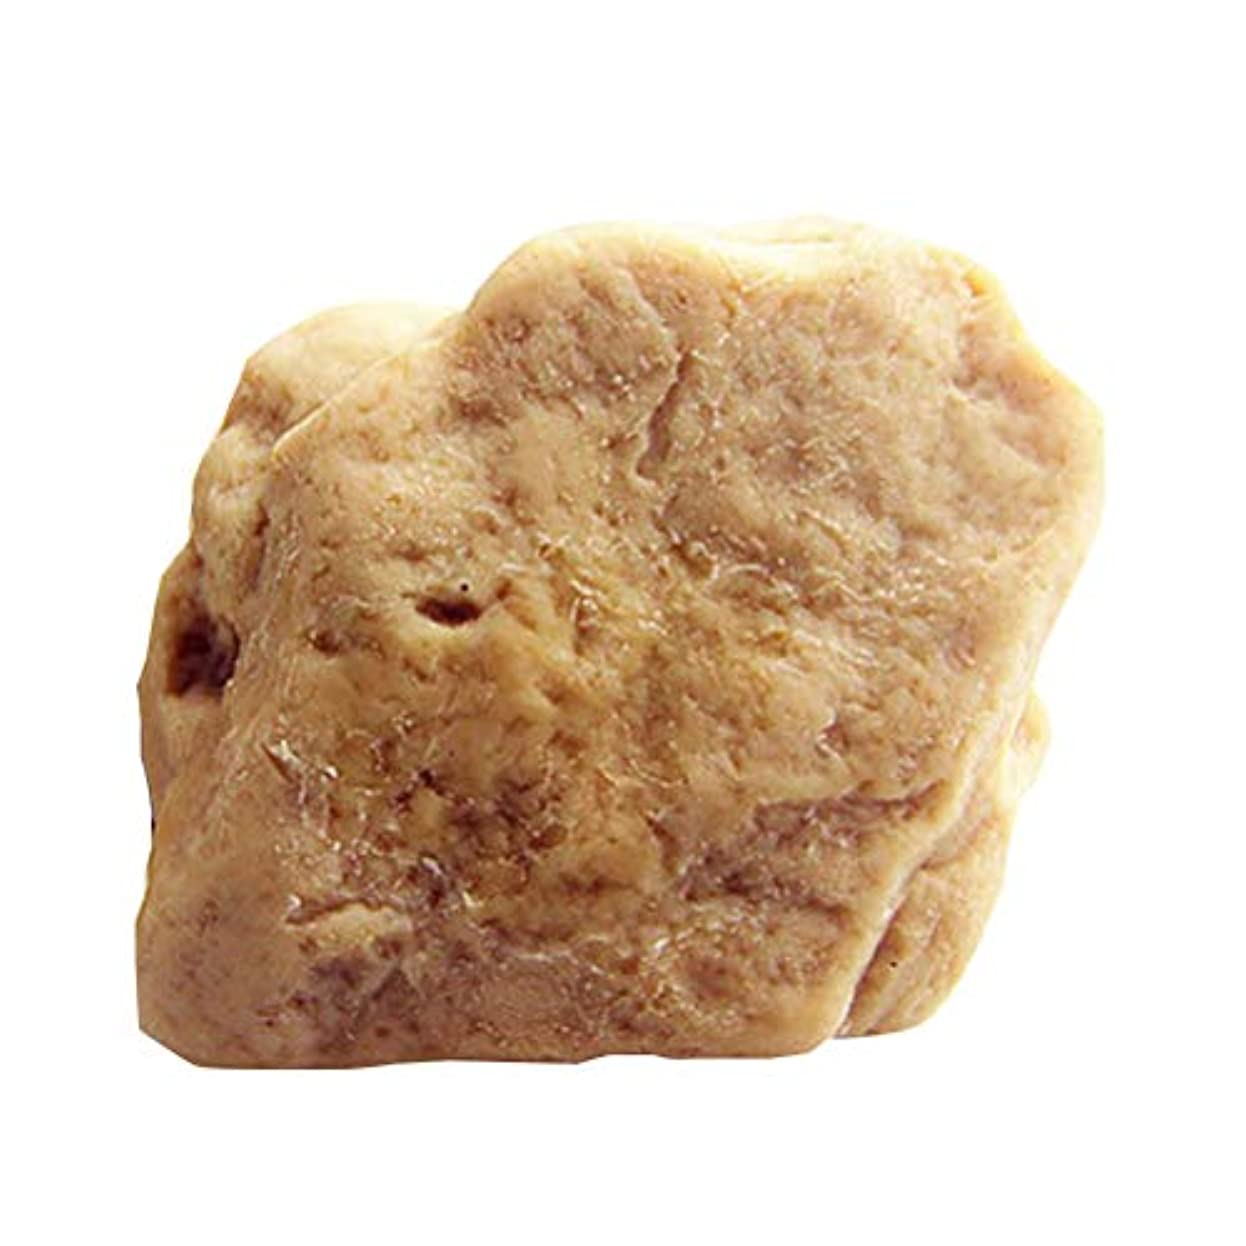 政権優越ガイドCreacom オリーブオイル 石鹸 肌に優しい無添加 毛穴 対策 洗顔石鹸 保湿 固形 毛穴 黒ずみ 肌荒れ くすみ ニキビ 美白 美肌 角質除去 肌荒れ 乾燥肌 オイル肌 混合肌 対策 全身可能